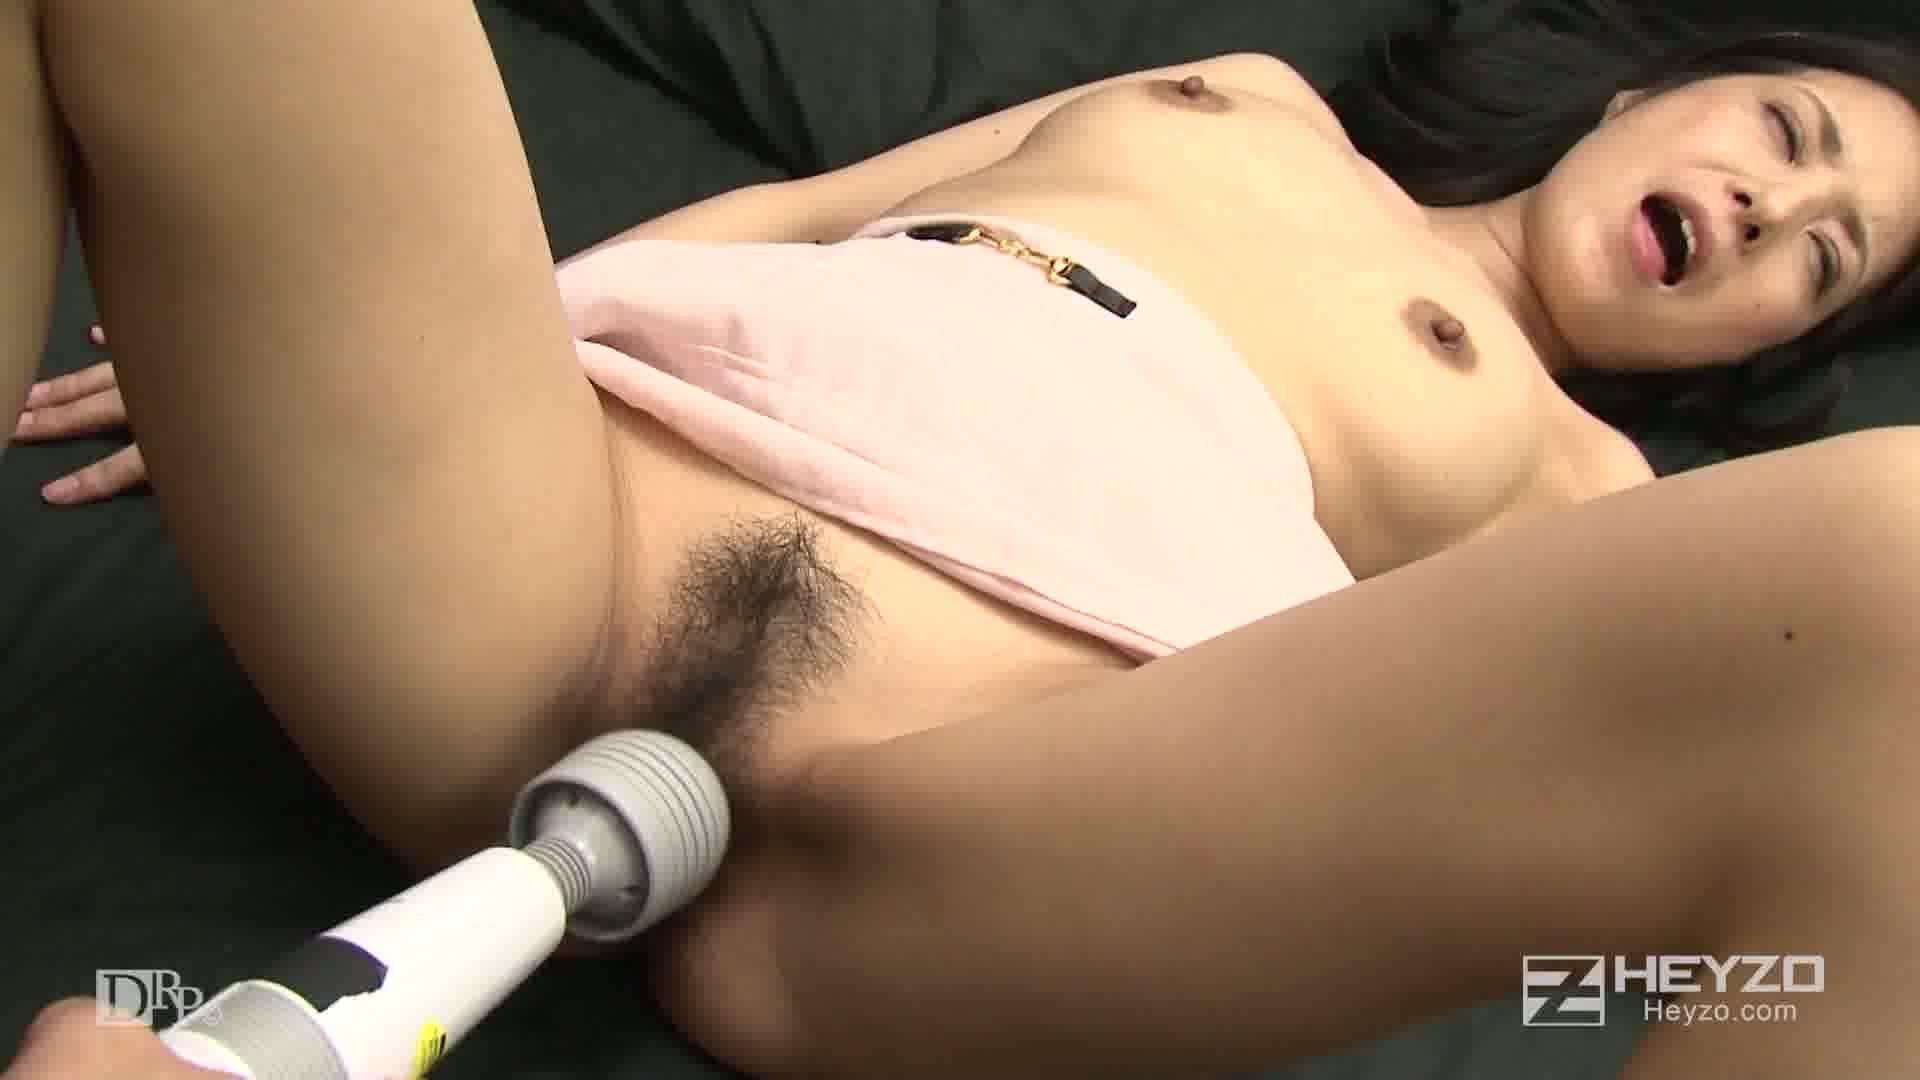 欲求不満の隣の奥さん~開放された性欲フルスロットル~ - 相澤かな【指マン フェラ 69 電マ】